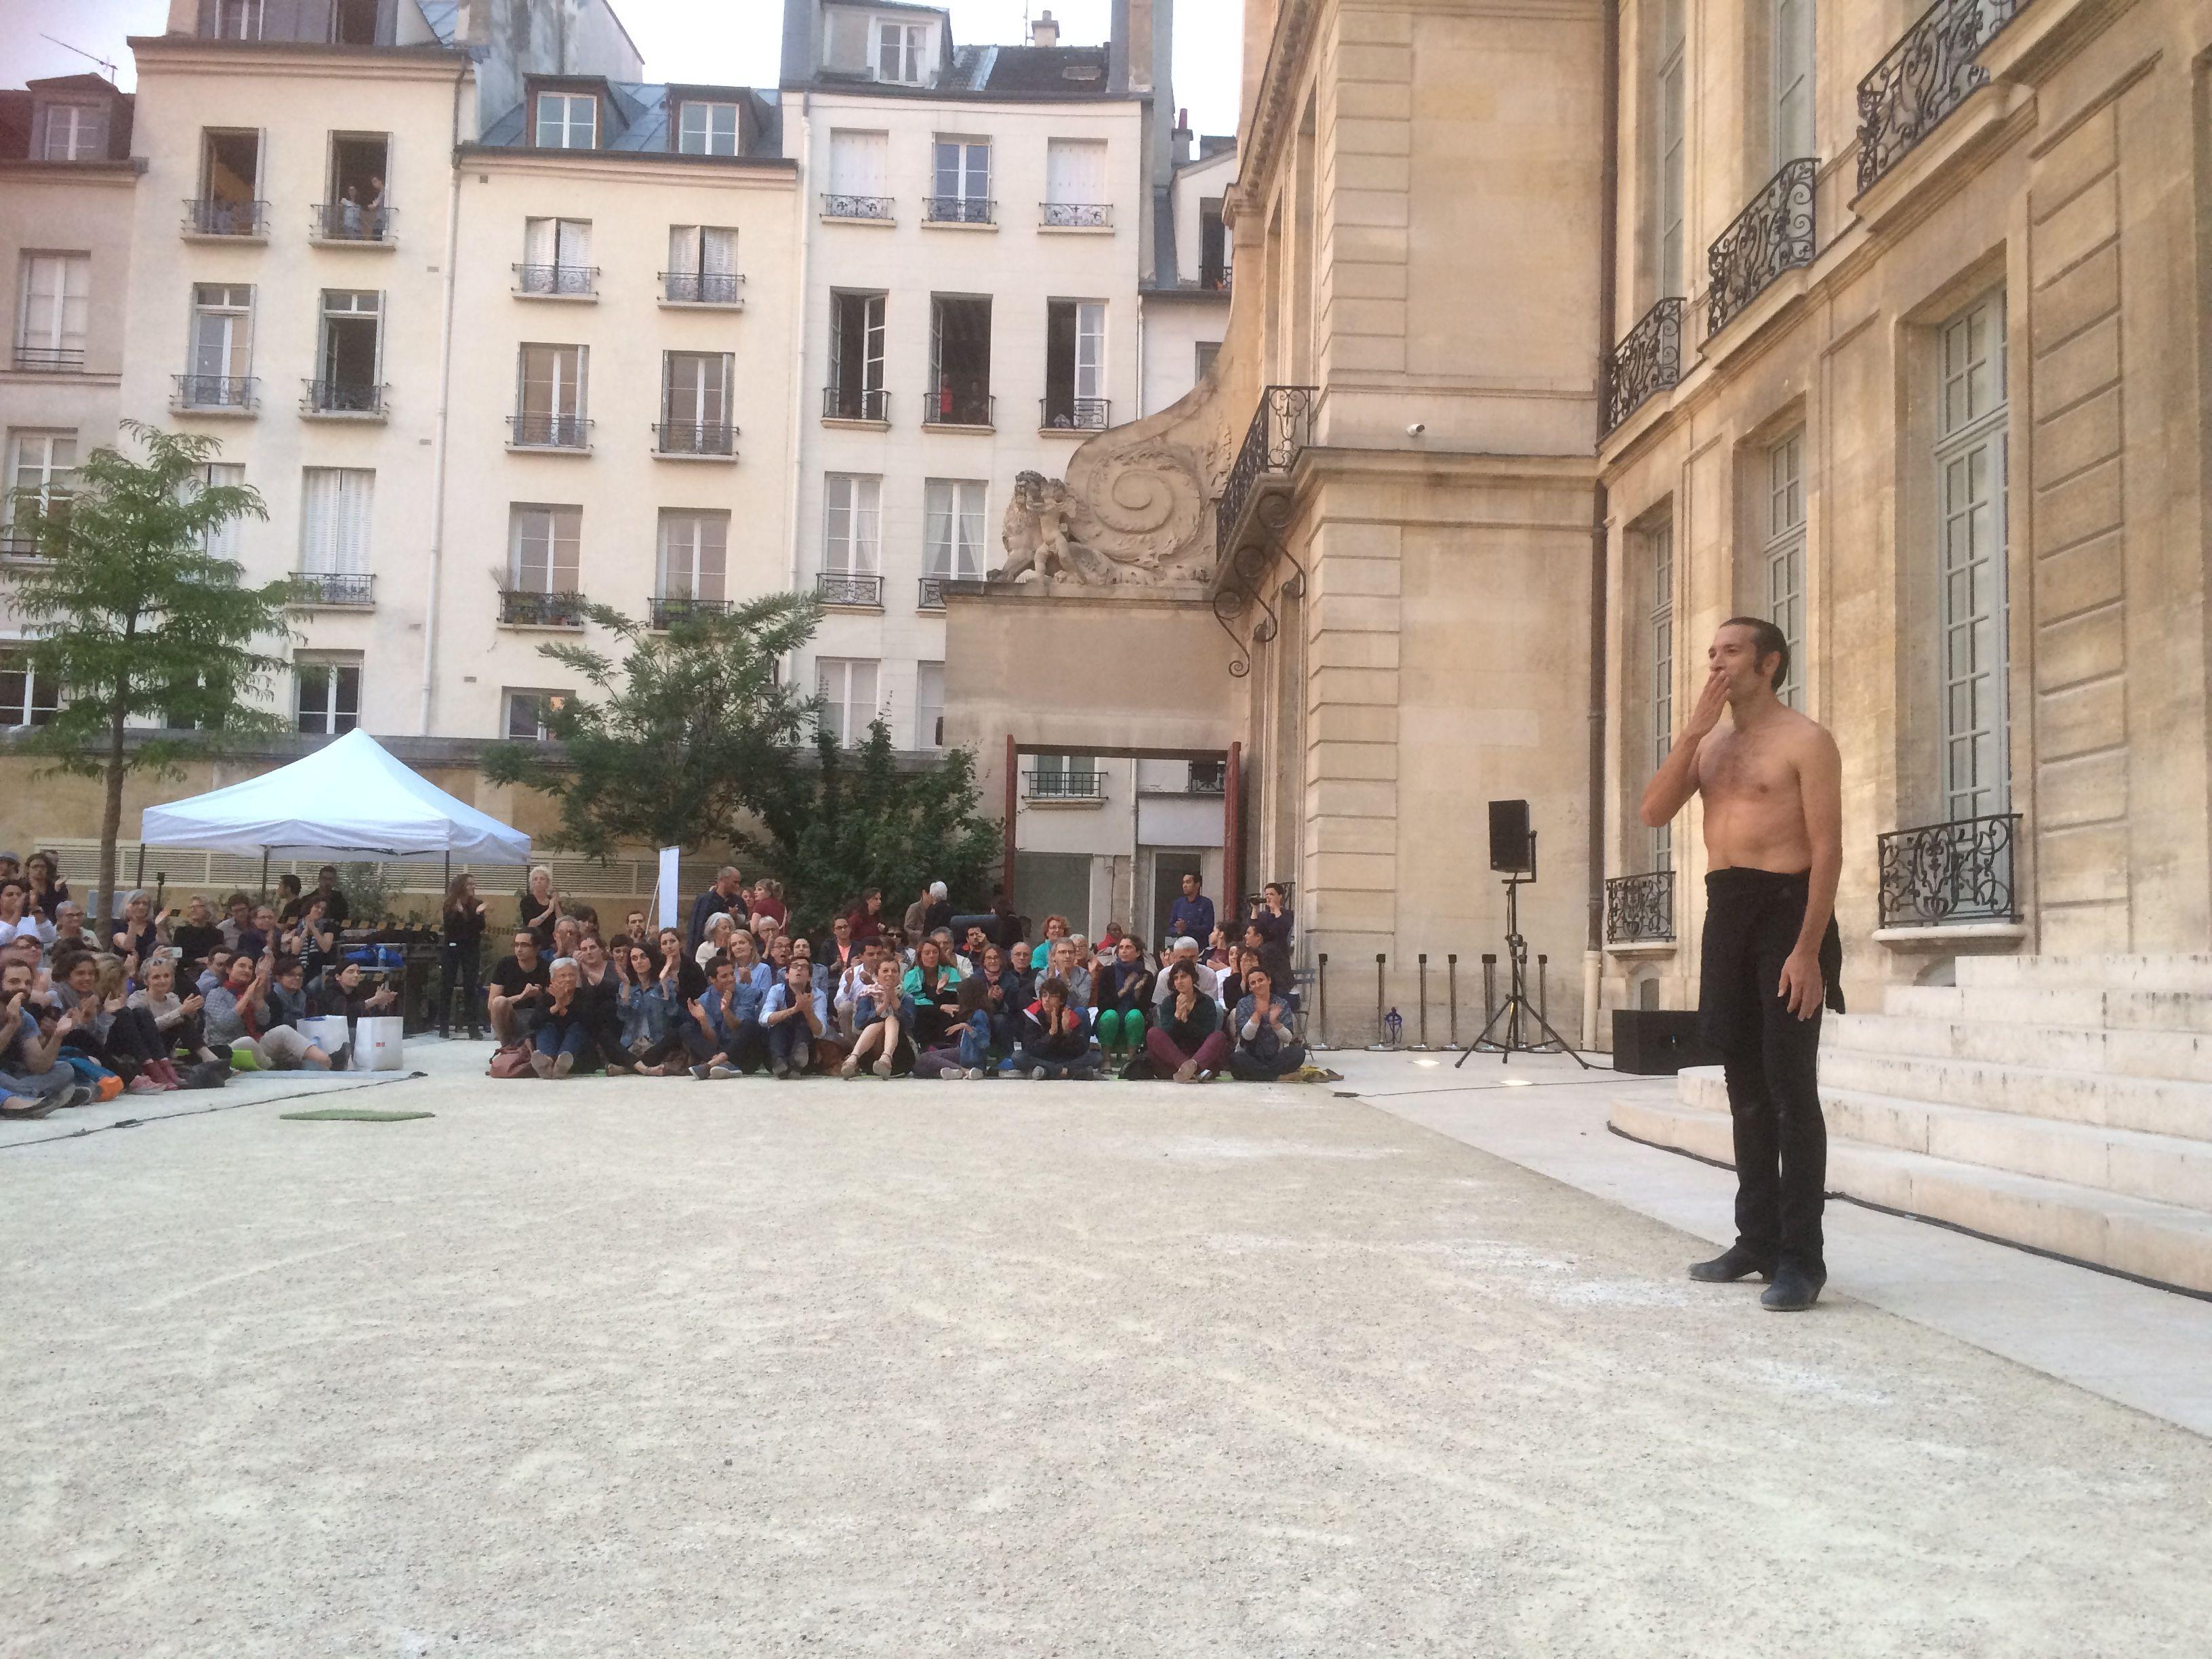 Israel Galván dans la cour du Musée Picasso à Paris